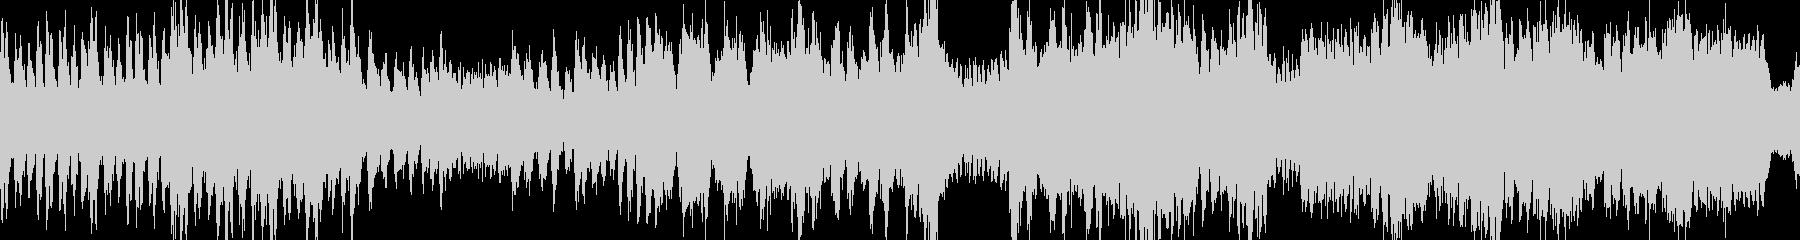 モンハン風・熱いボス戦闘曲・ループの未再生の波形